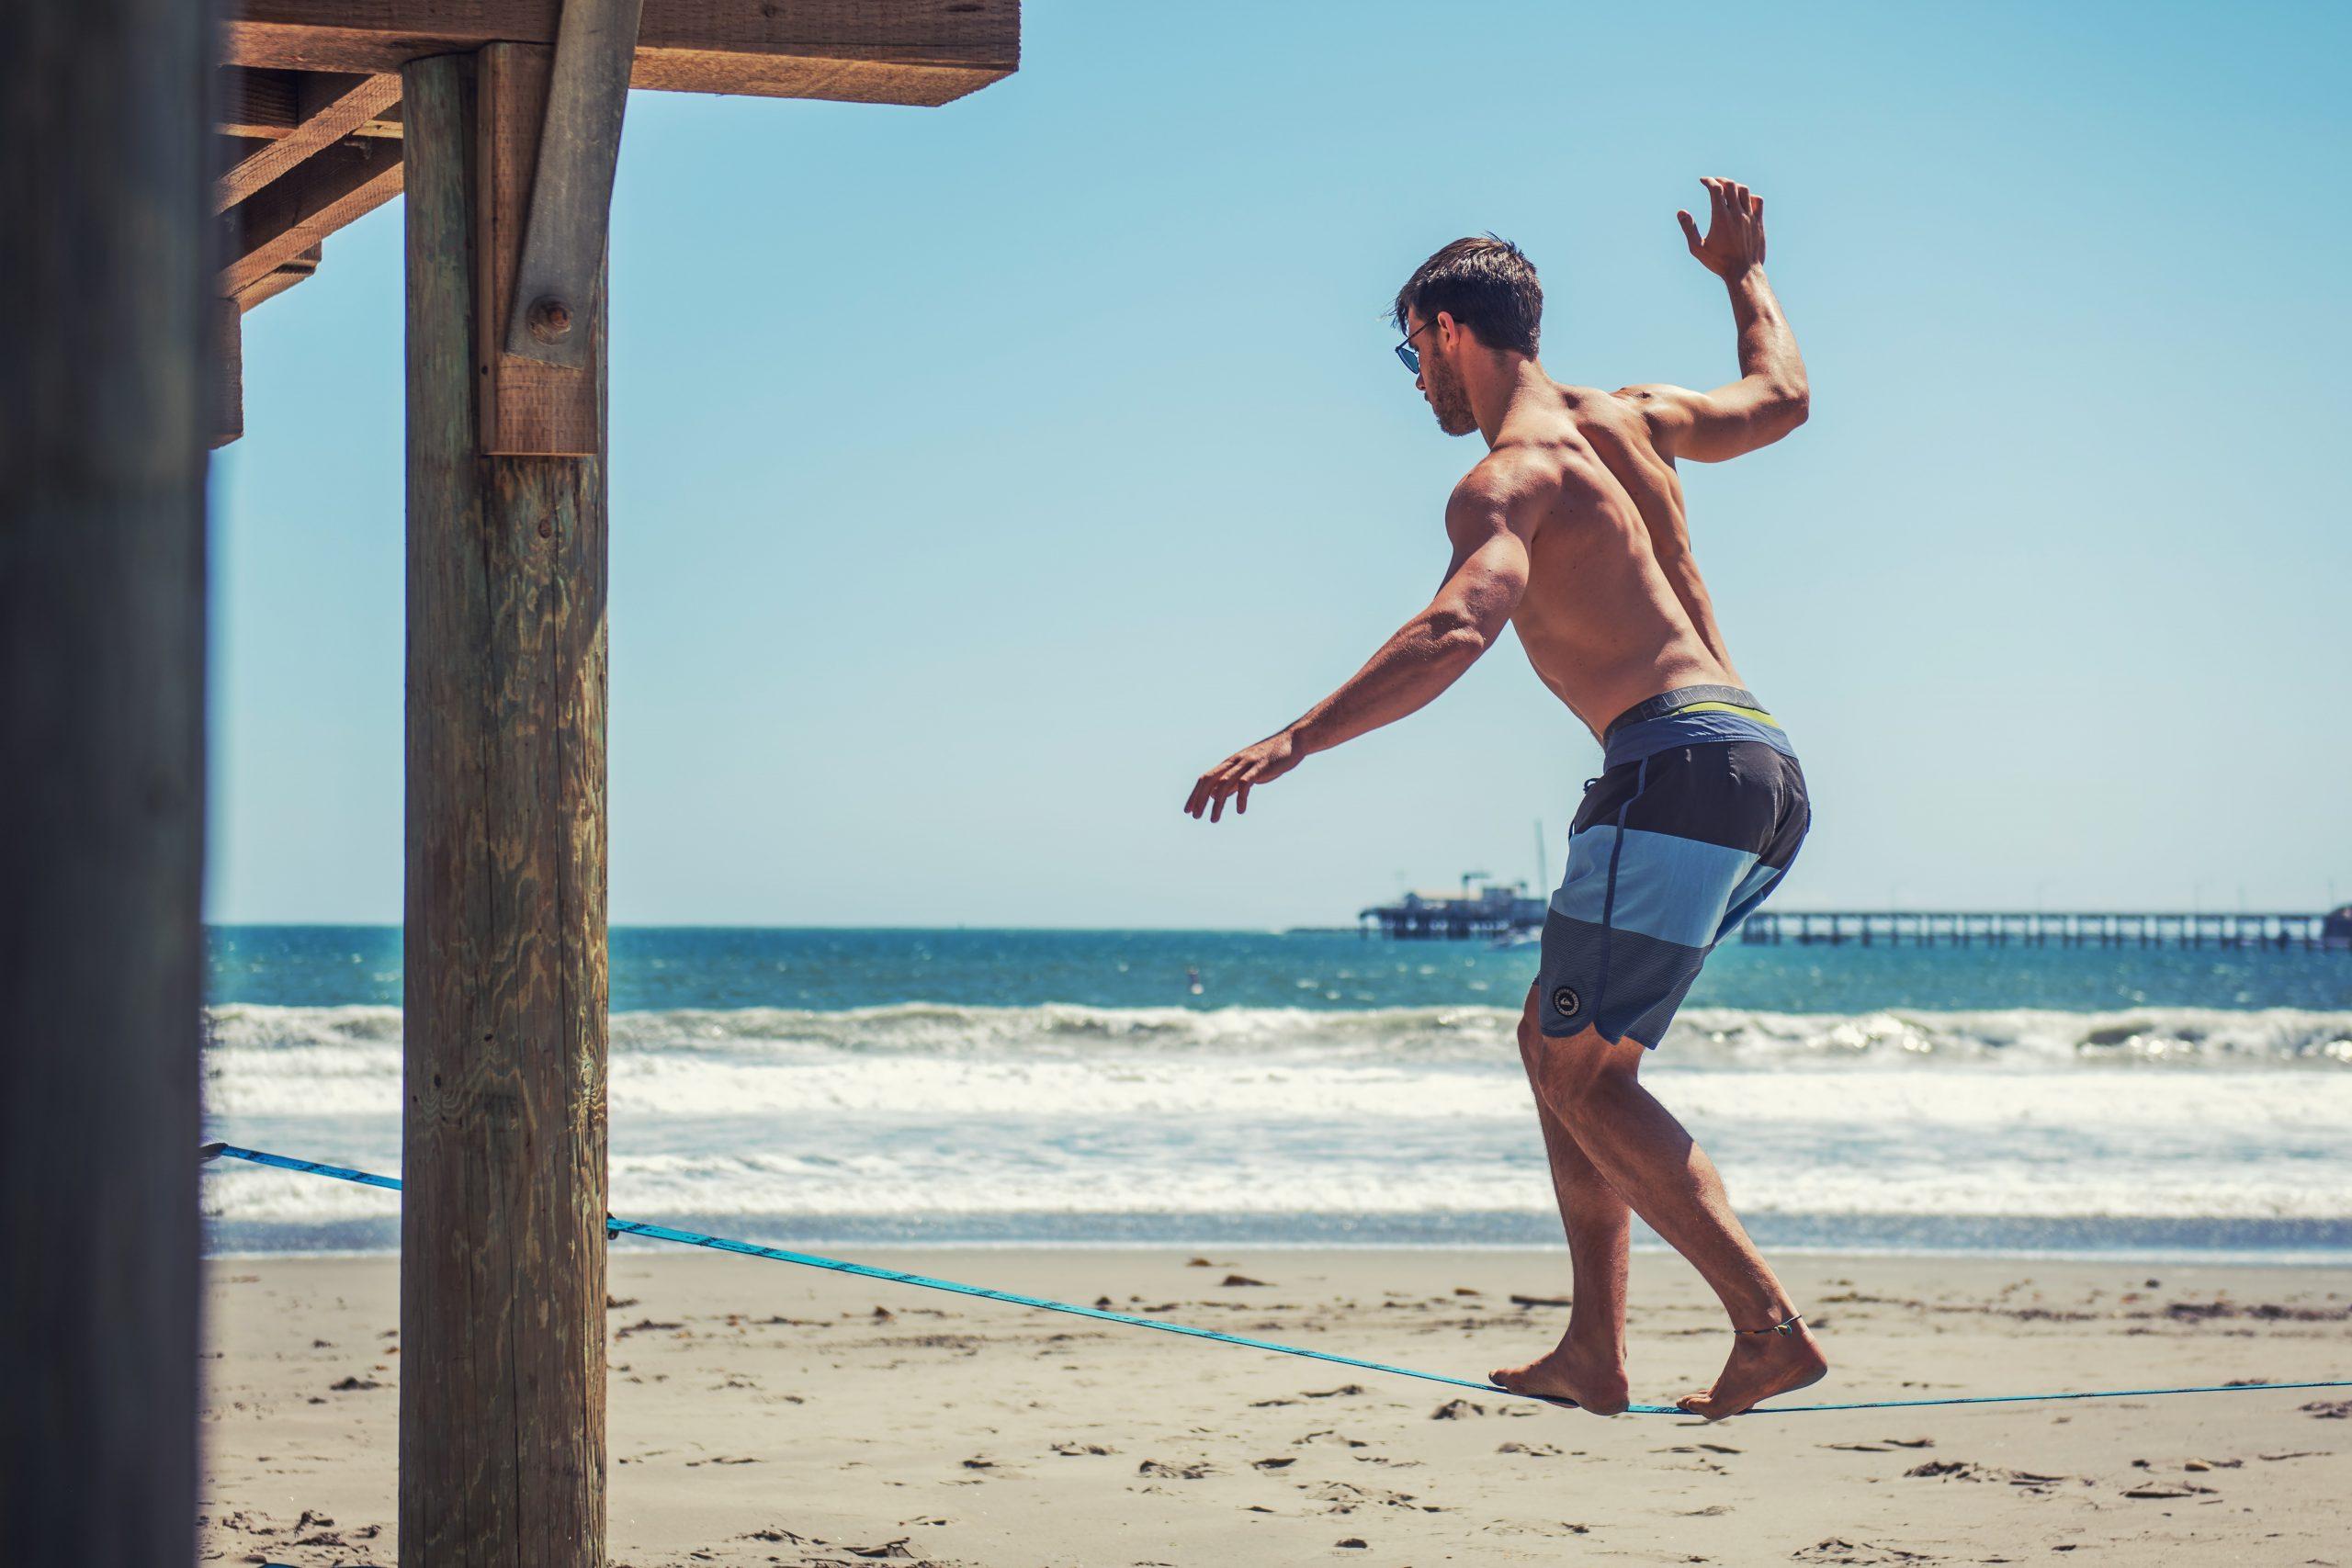 Homem praticando slackline na praia.